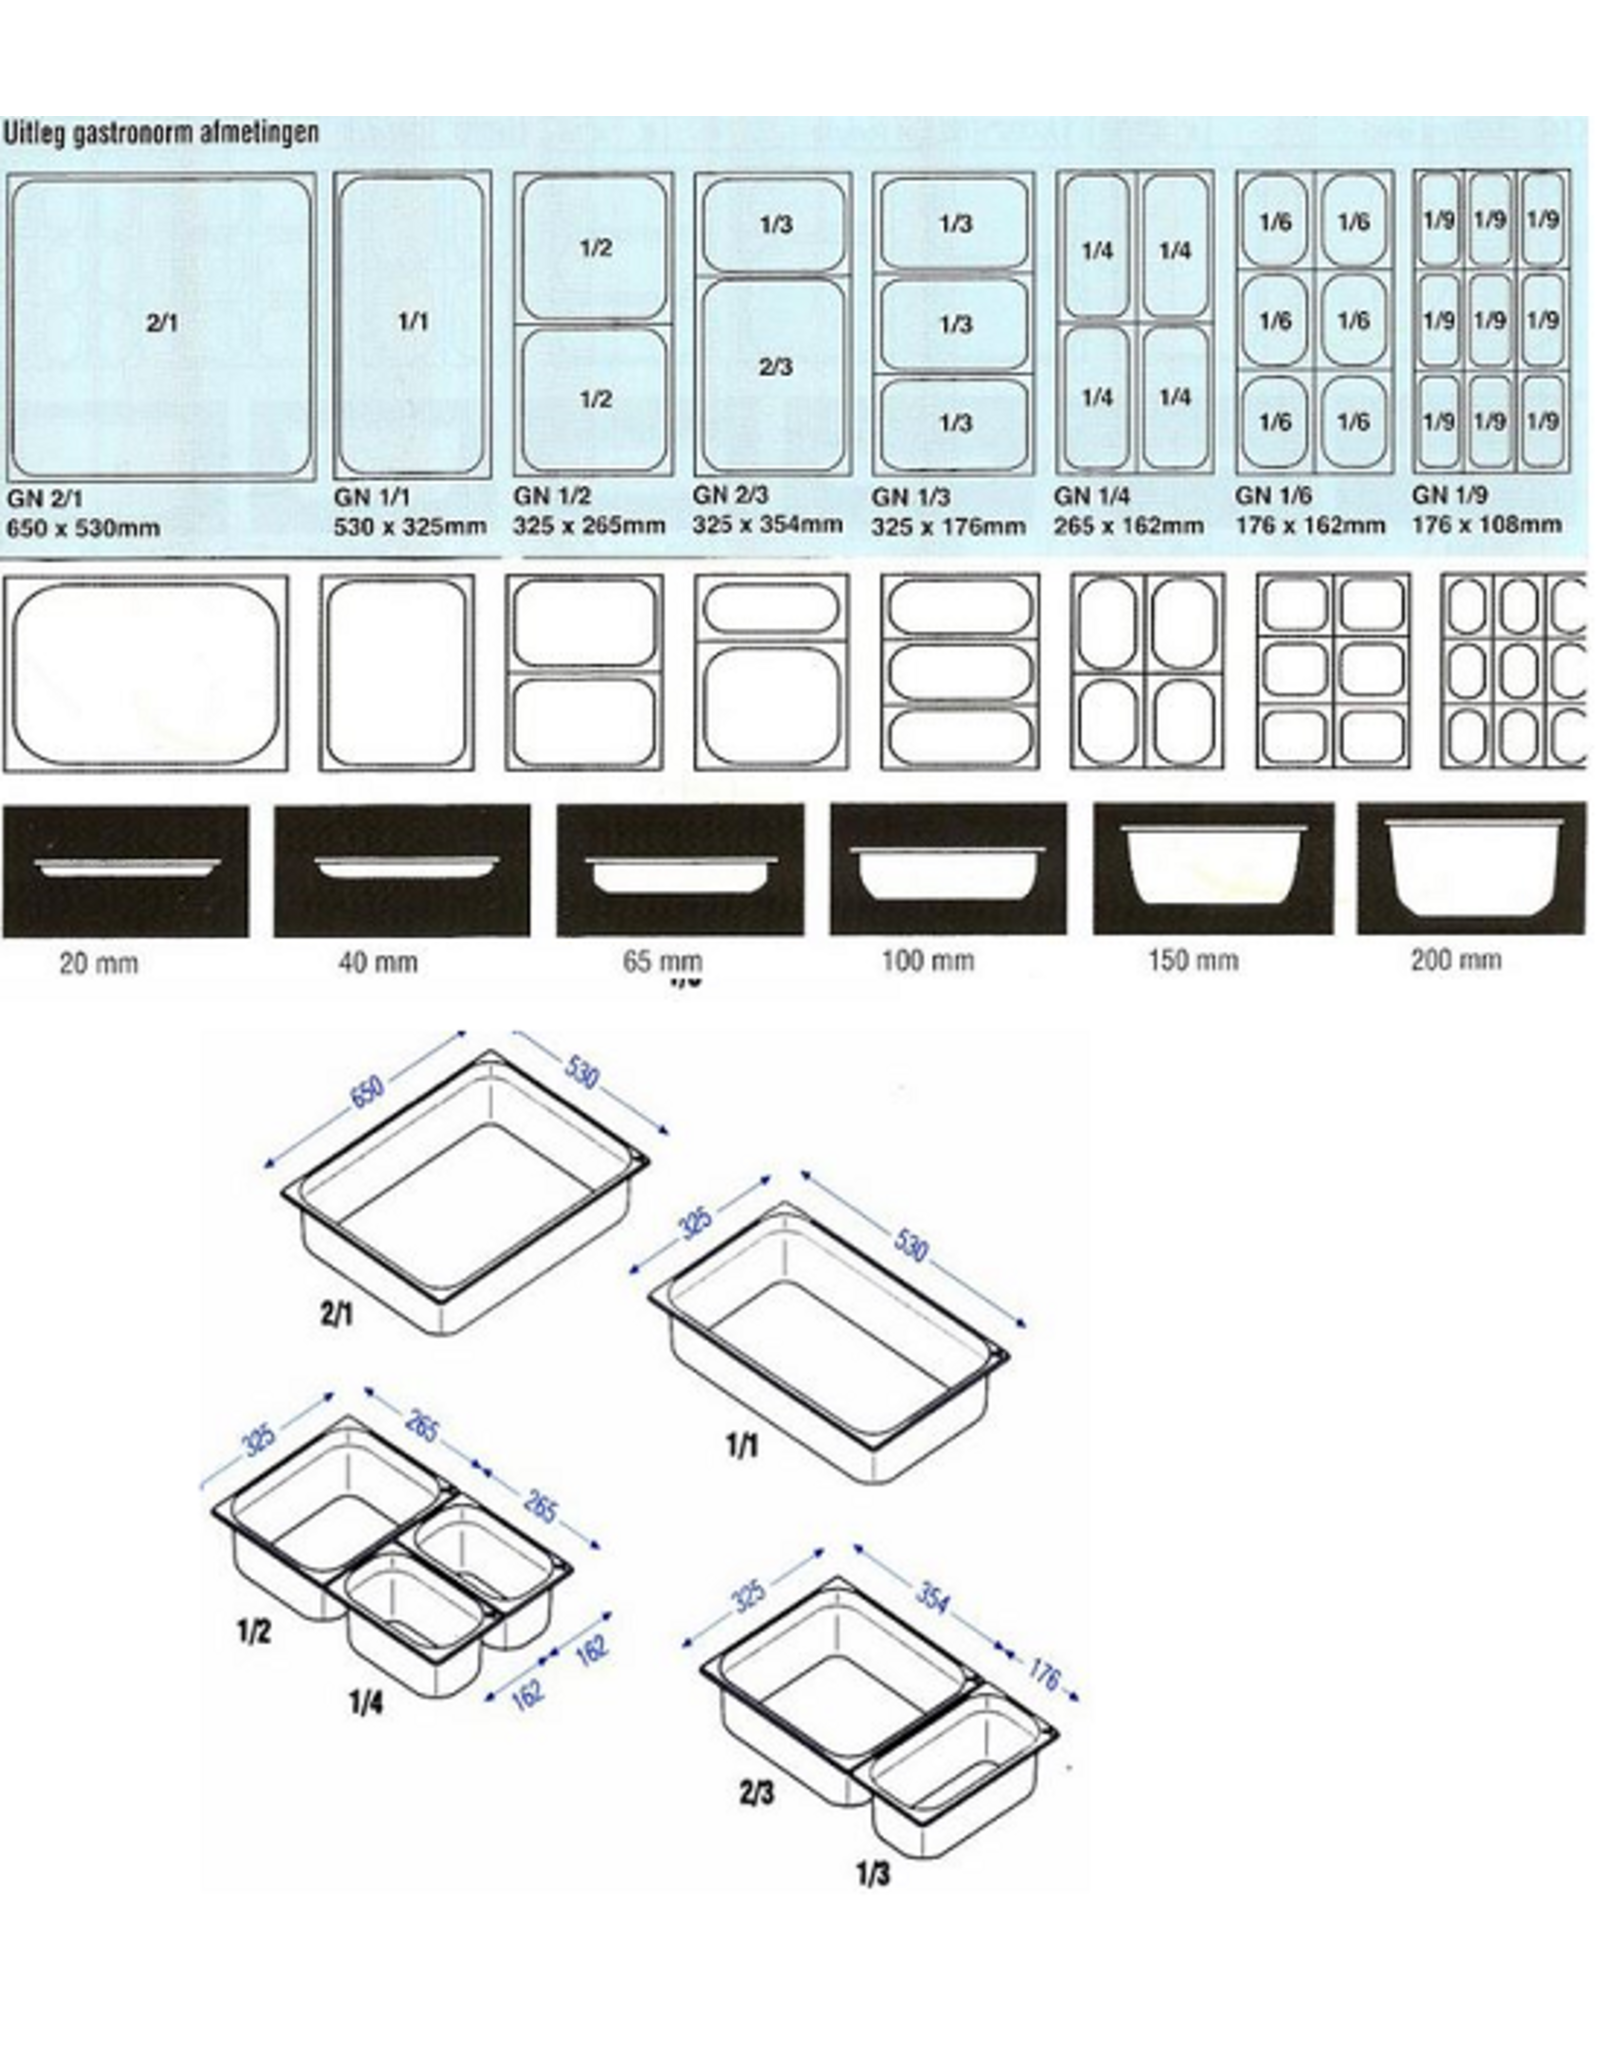 Q-Gastro Gastronormbehälter Edelstahl 1 / 2GN | 40mm | 325 x 265 mm